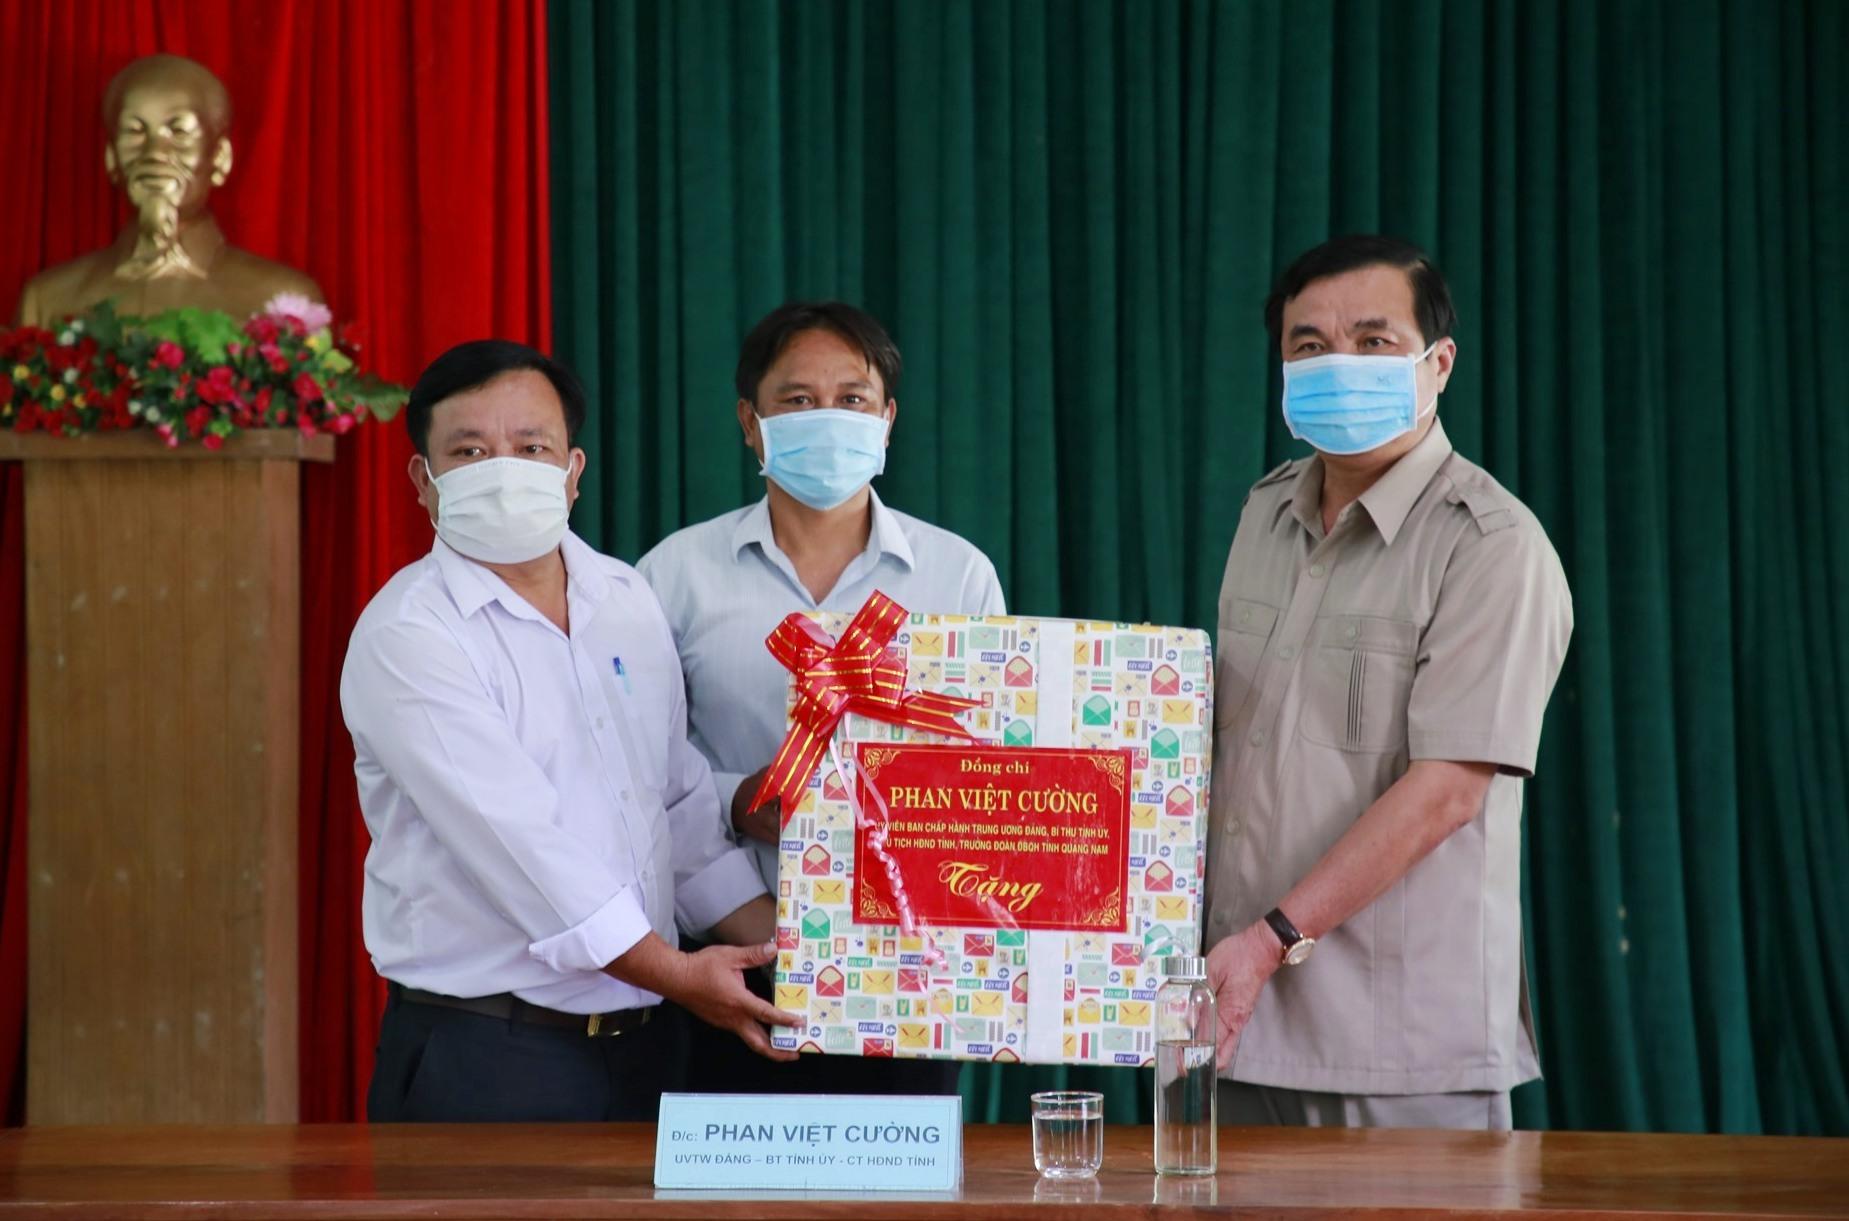 Đồng chí Phan Việt Cường tặng quà cho đại diện lãnh đạo xã La Êê. Ảnh: T.C